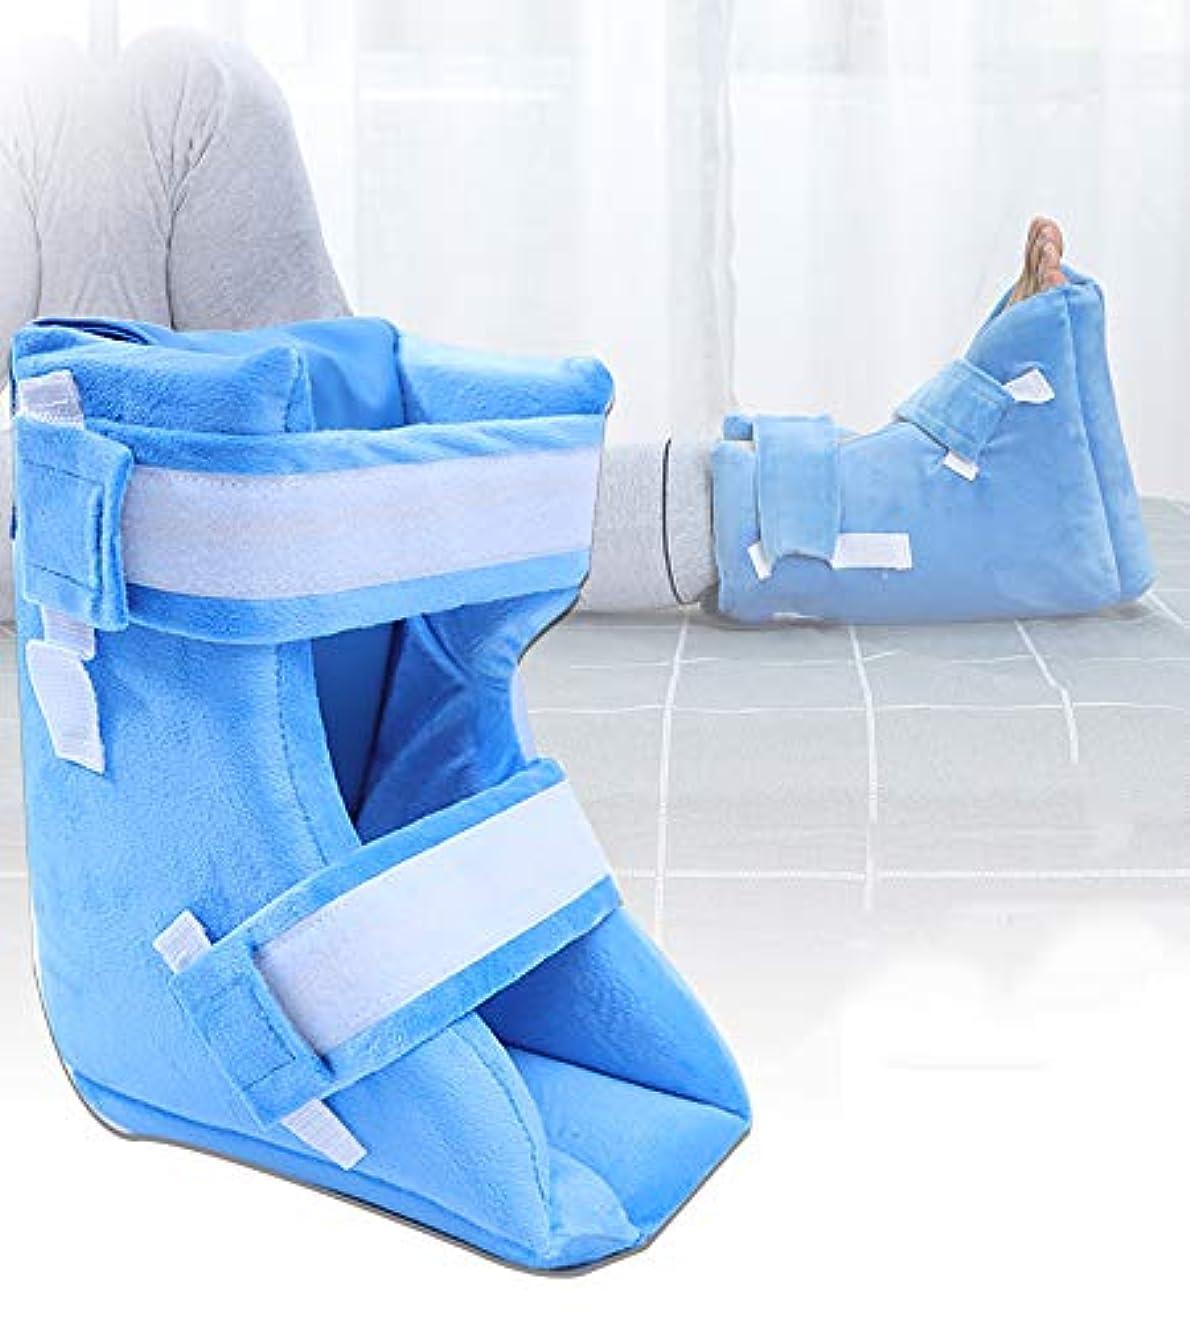 祭司分離する祝福通気性のスポンジを充填した足の枕のかかとのクッションプロテクター - 褥瘡&かかとの潰瘍の軽減のためのかかと&足の保護,1Pcs